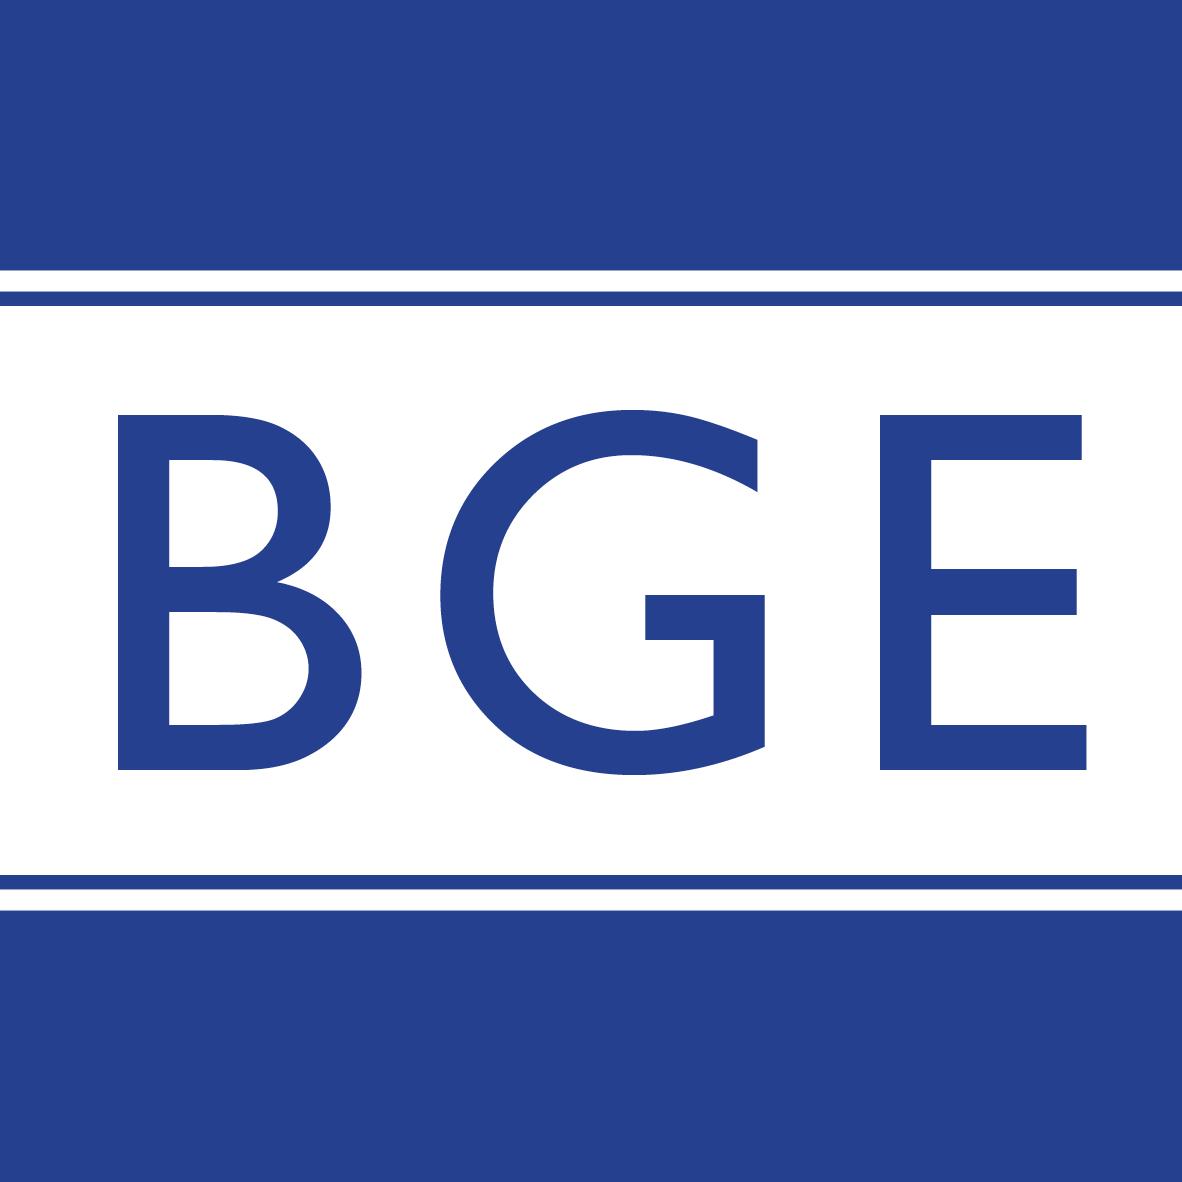 BGE logo.png